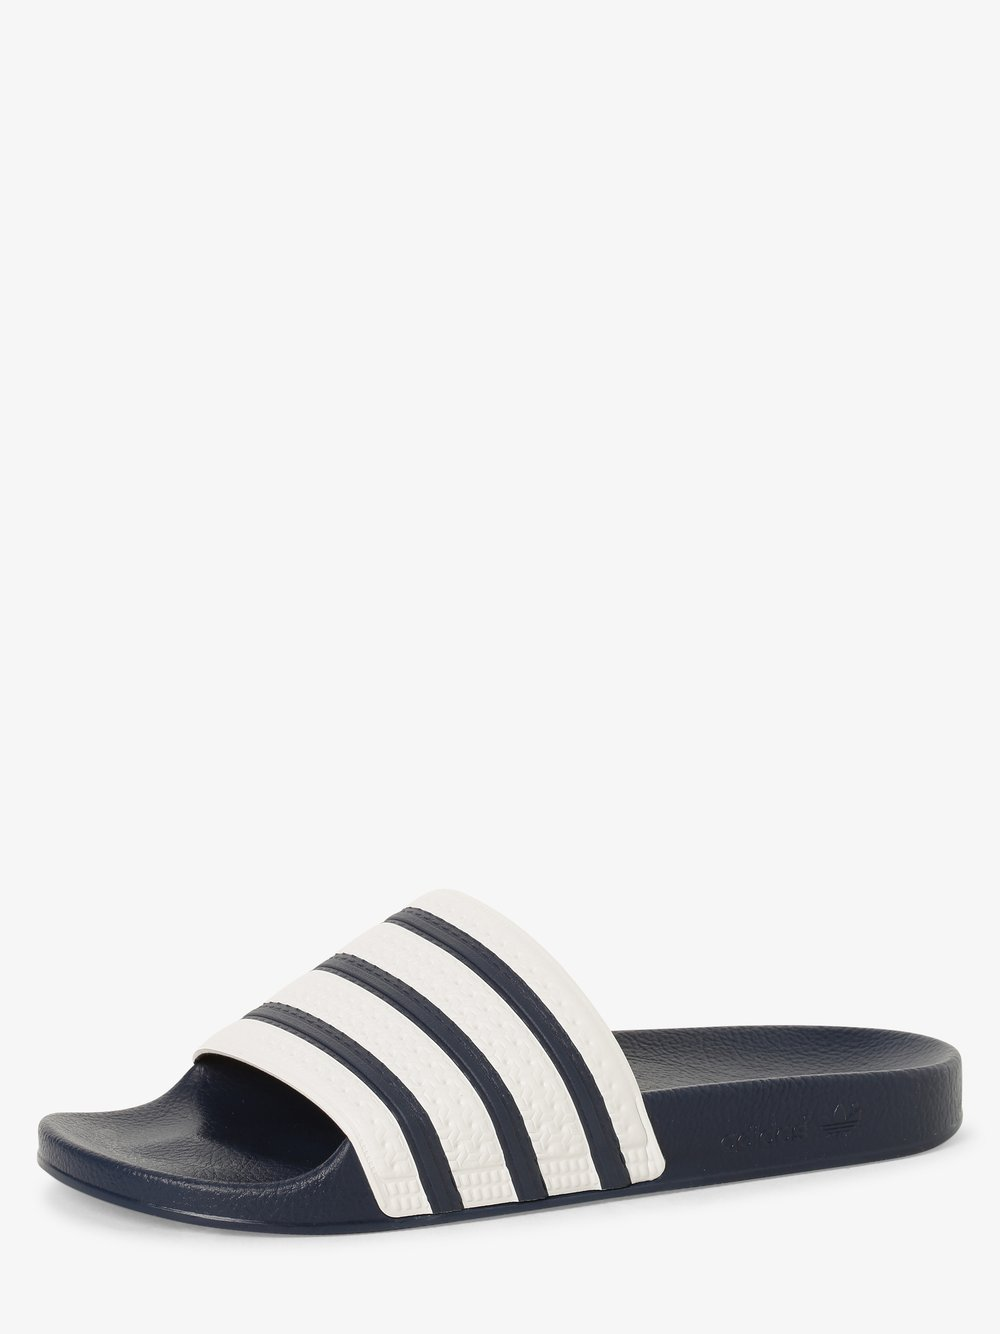 adidas Originals - Męskie pantofle kąpielowe, niebieski